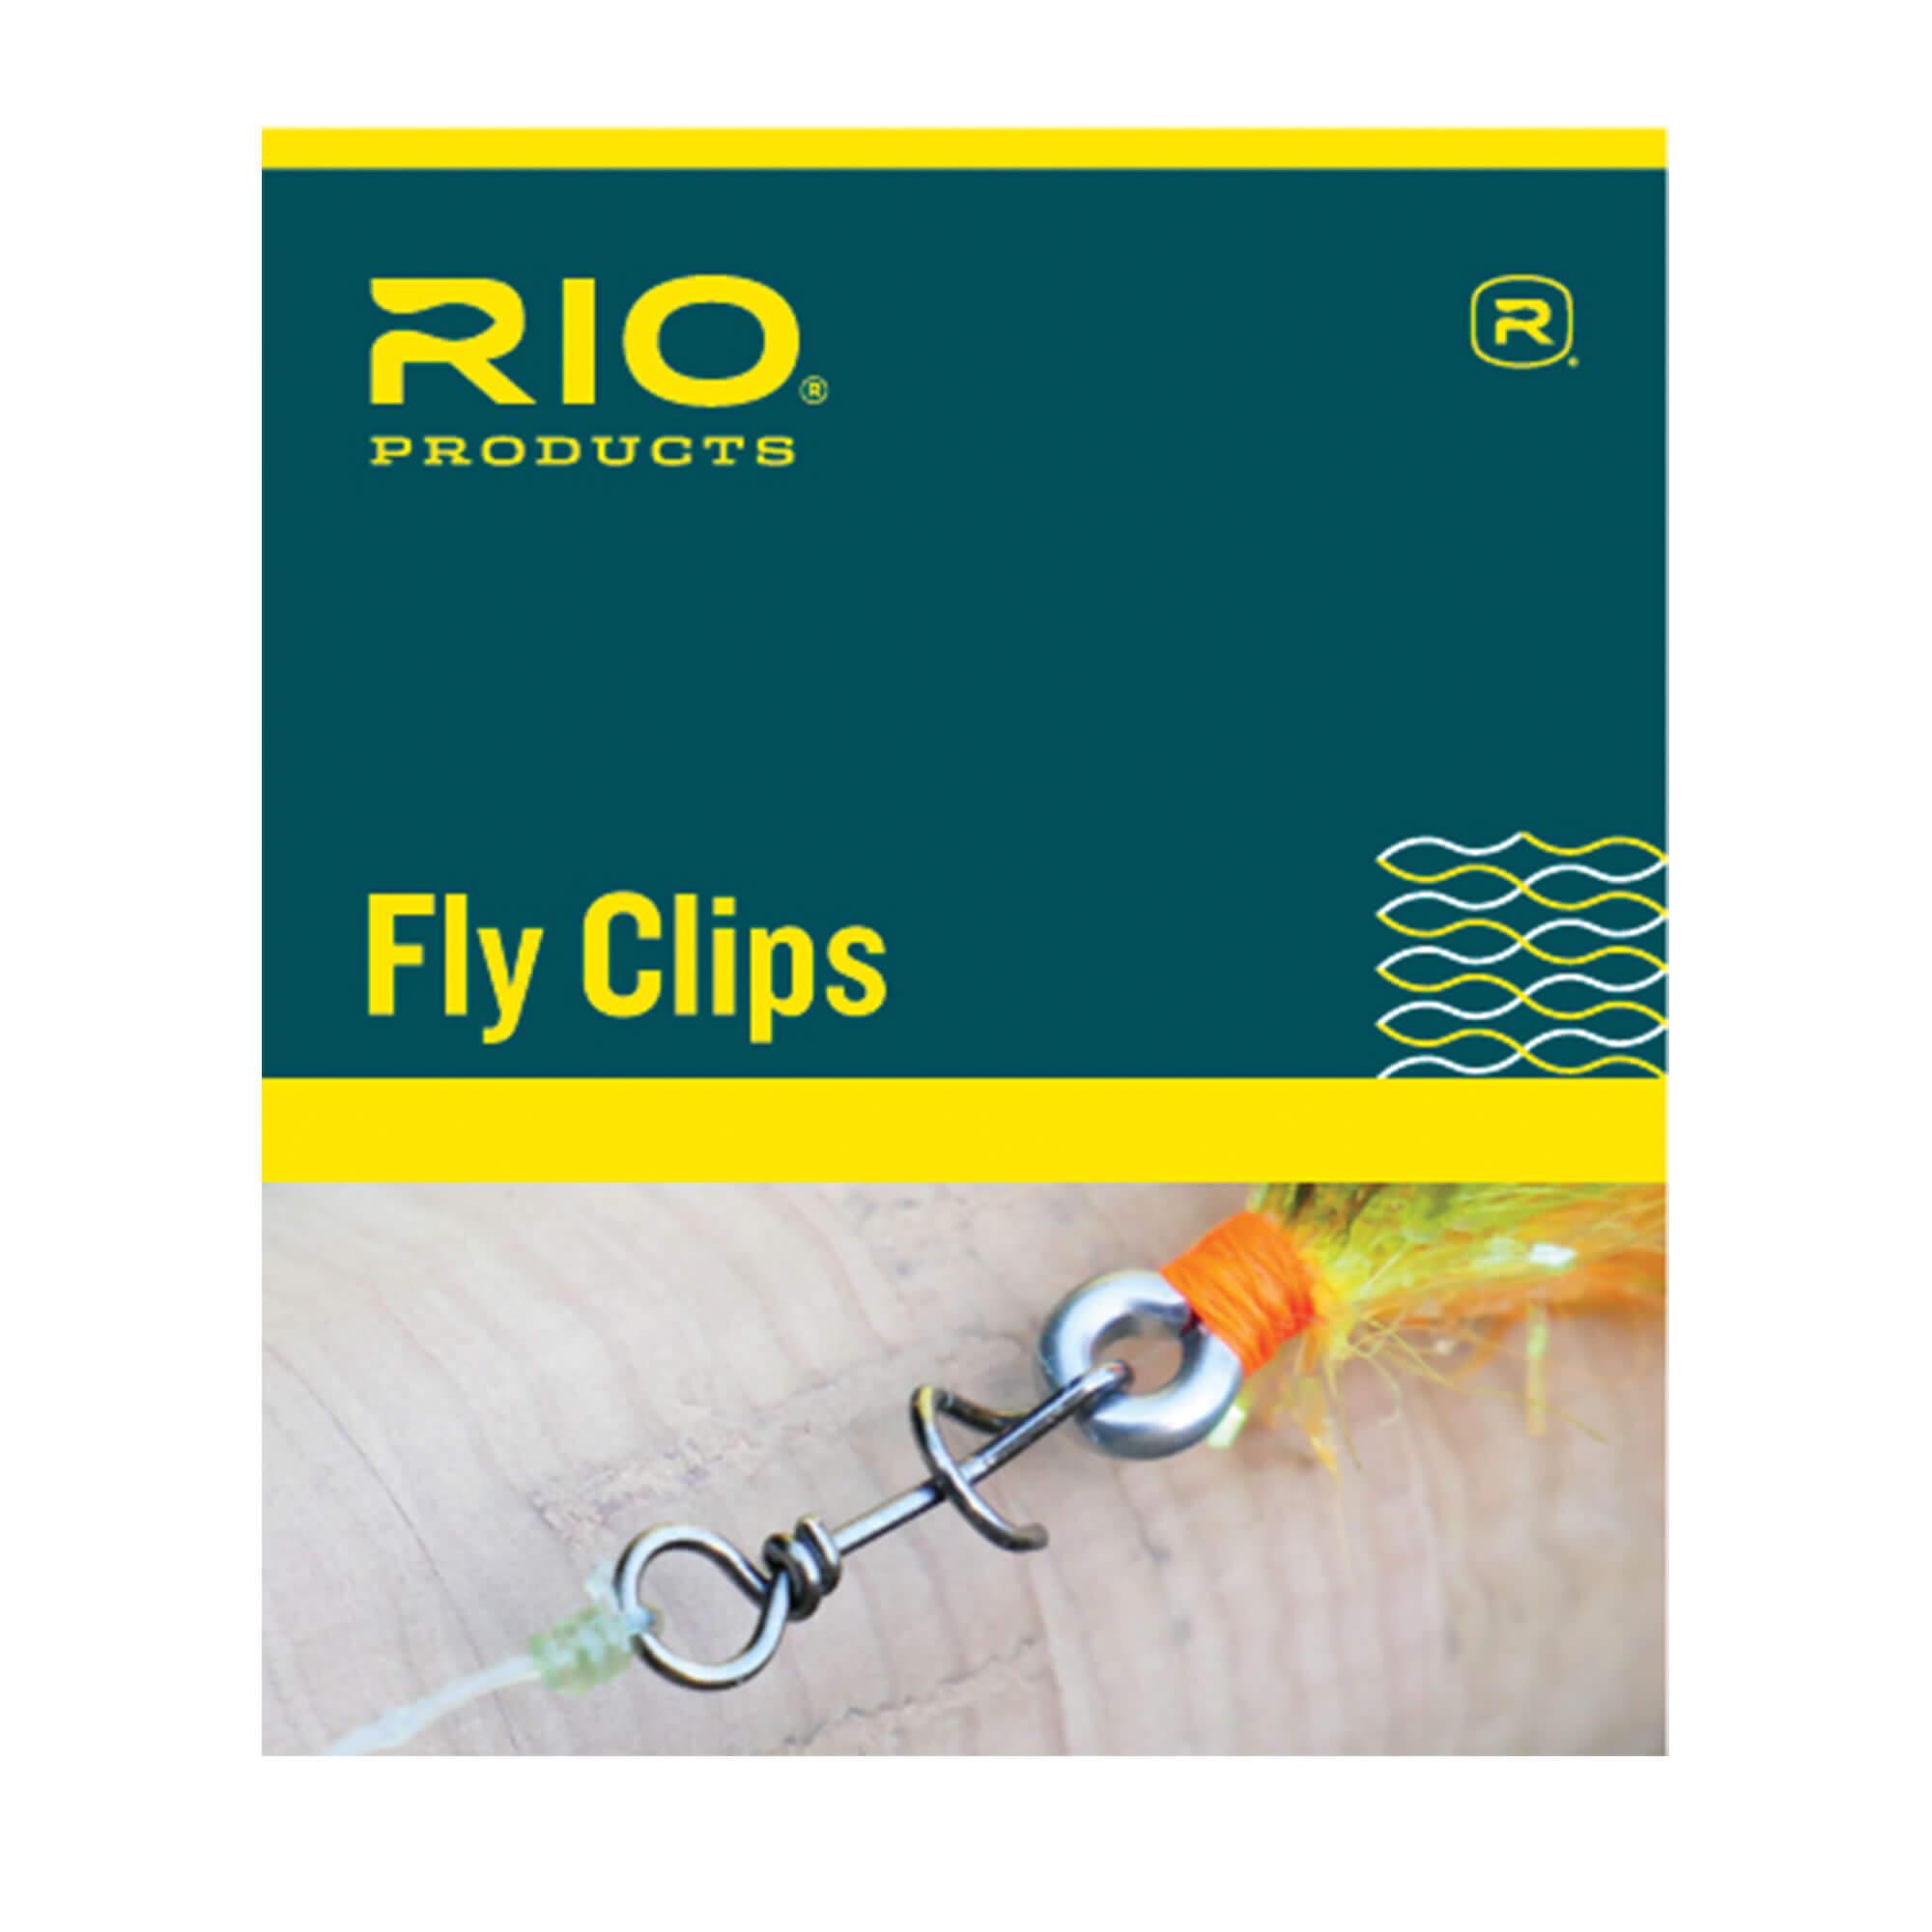 flyclips19-01.jpg